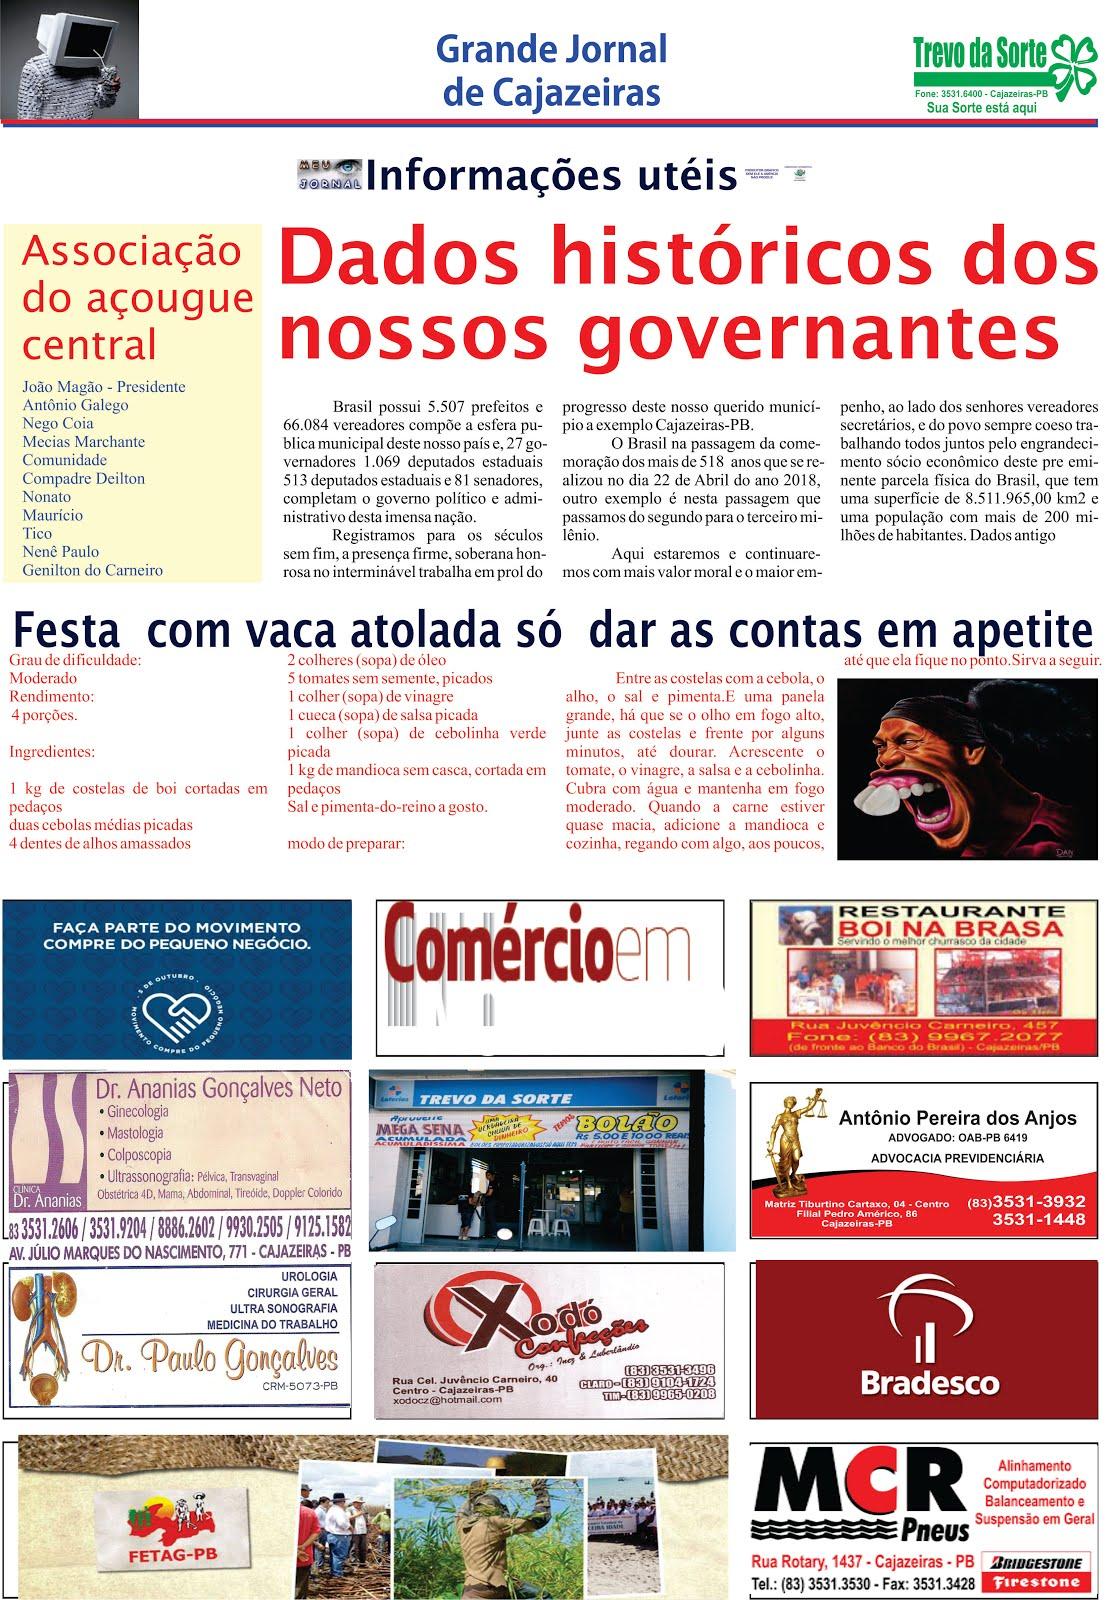 UMA  DAS PAGINAS  DO GRANDE JORNAL DO ESTADO PB